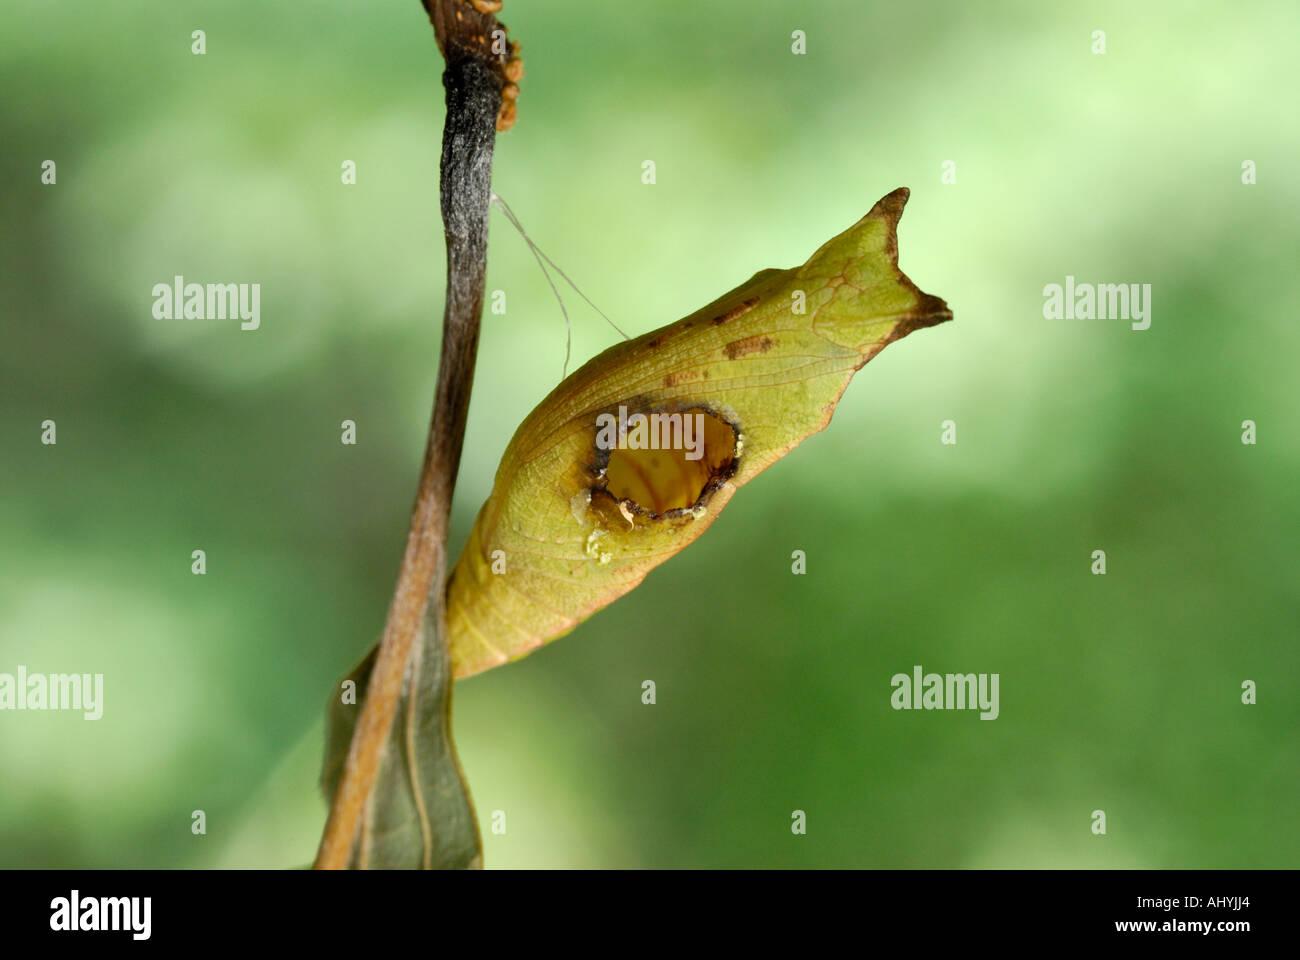 Ichneumonid avispa parasitoide, salir del agujero en el chrysalis spicebush de una especie. Consulte la descripción Foto de stock